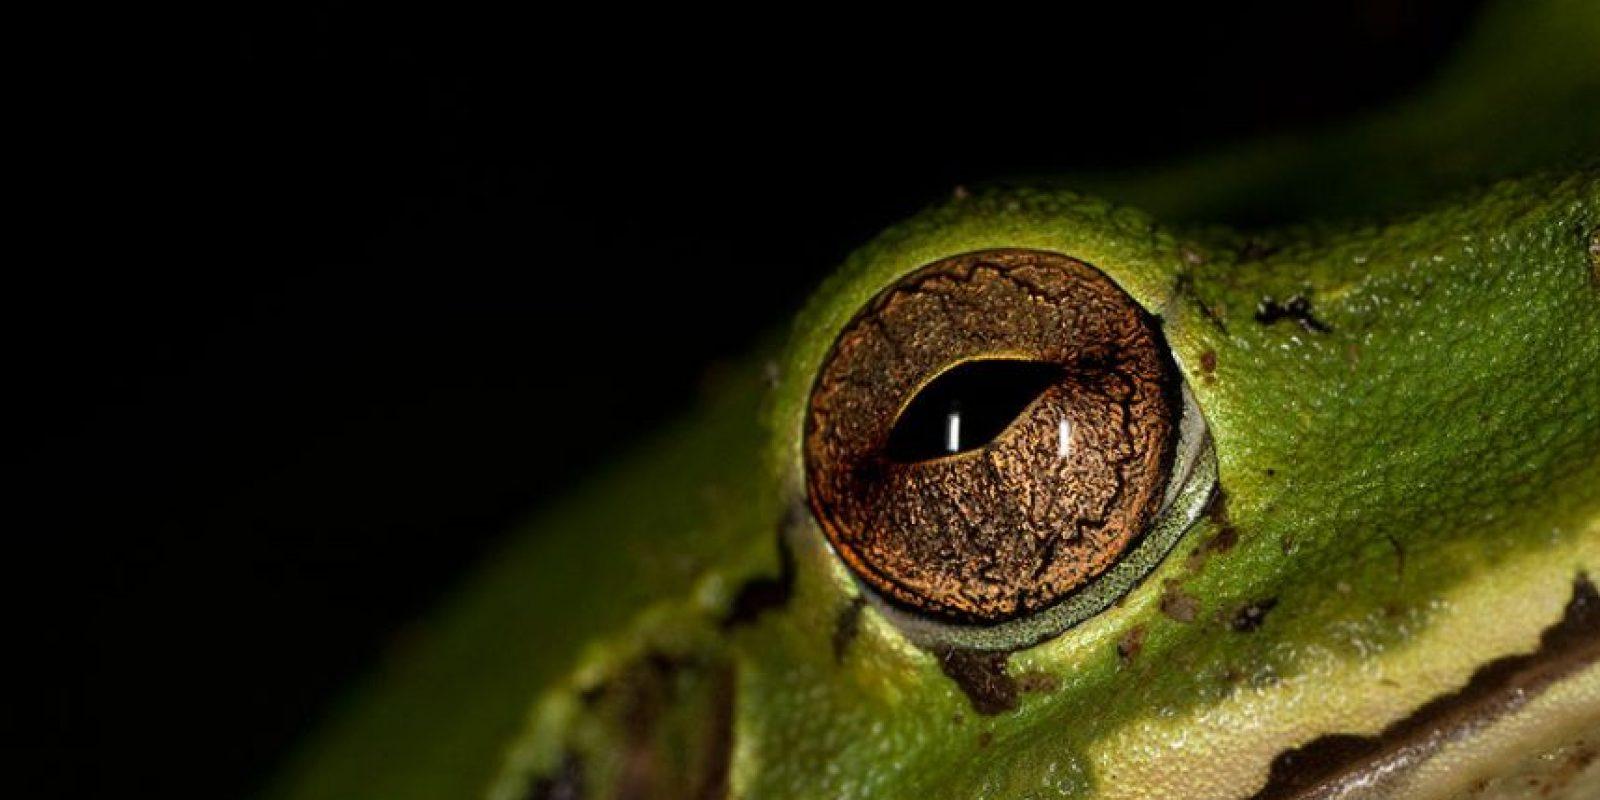 El ojo de una rana arborícola. Foto:© Rodolfo Pérez/WWF